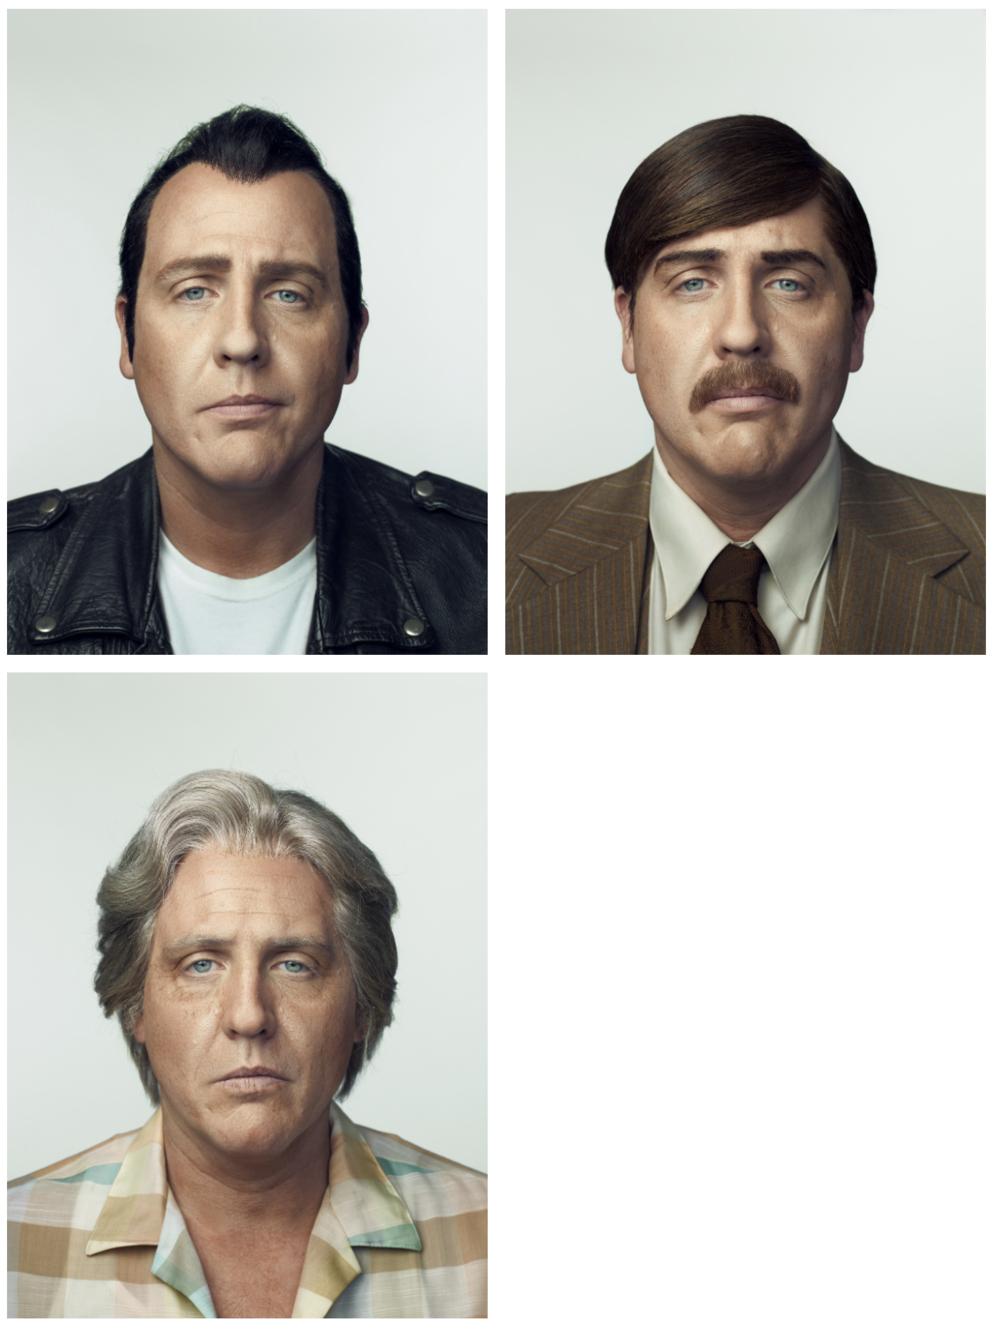 Keatley 'Con Man' - Wigs & FX